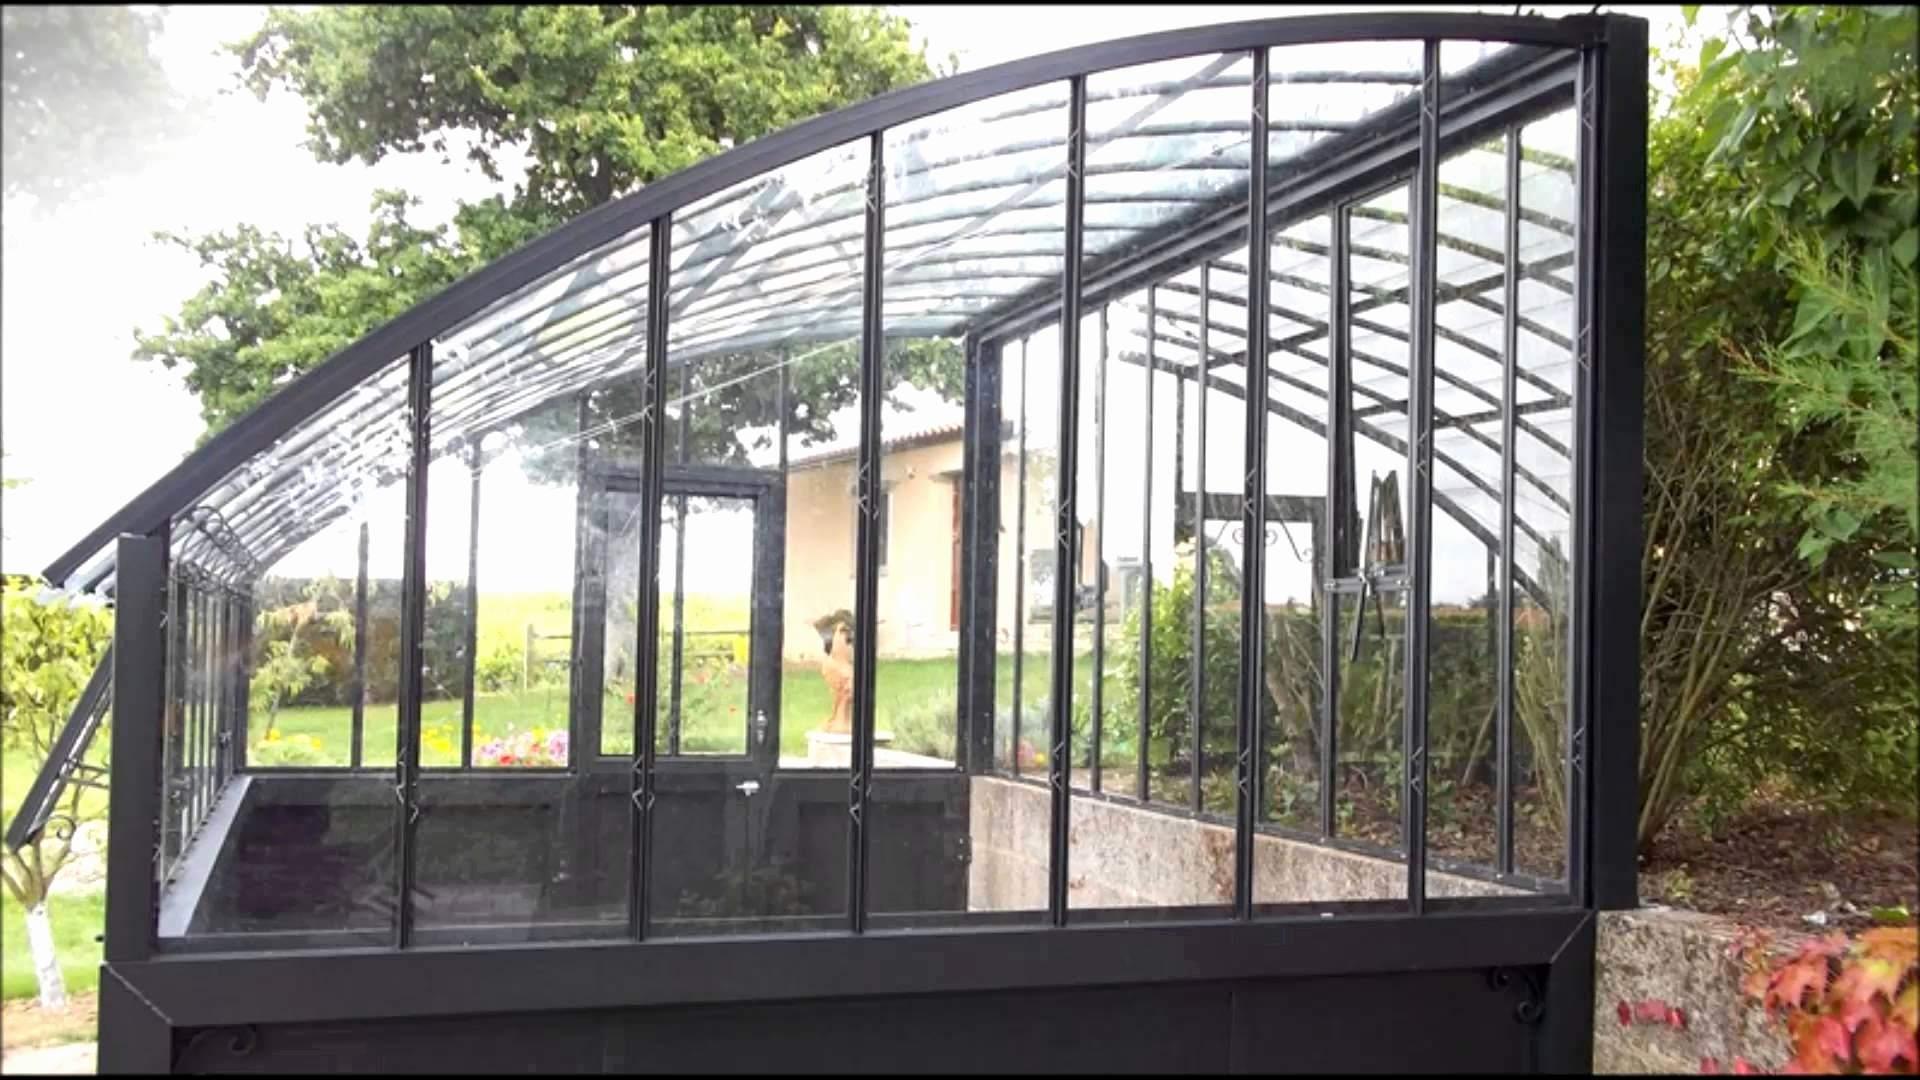 Deco Jardin Avec Piscine Nouveau Photos Piscine Et Jardin Arras Inspirant Table De Jardin Pliante Pas Cher